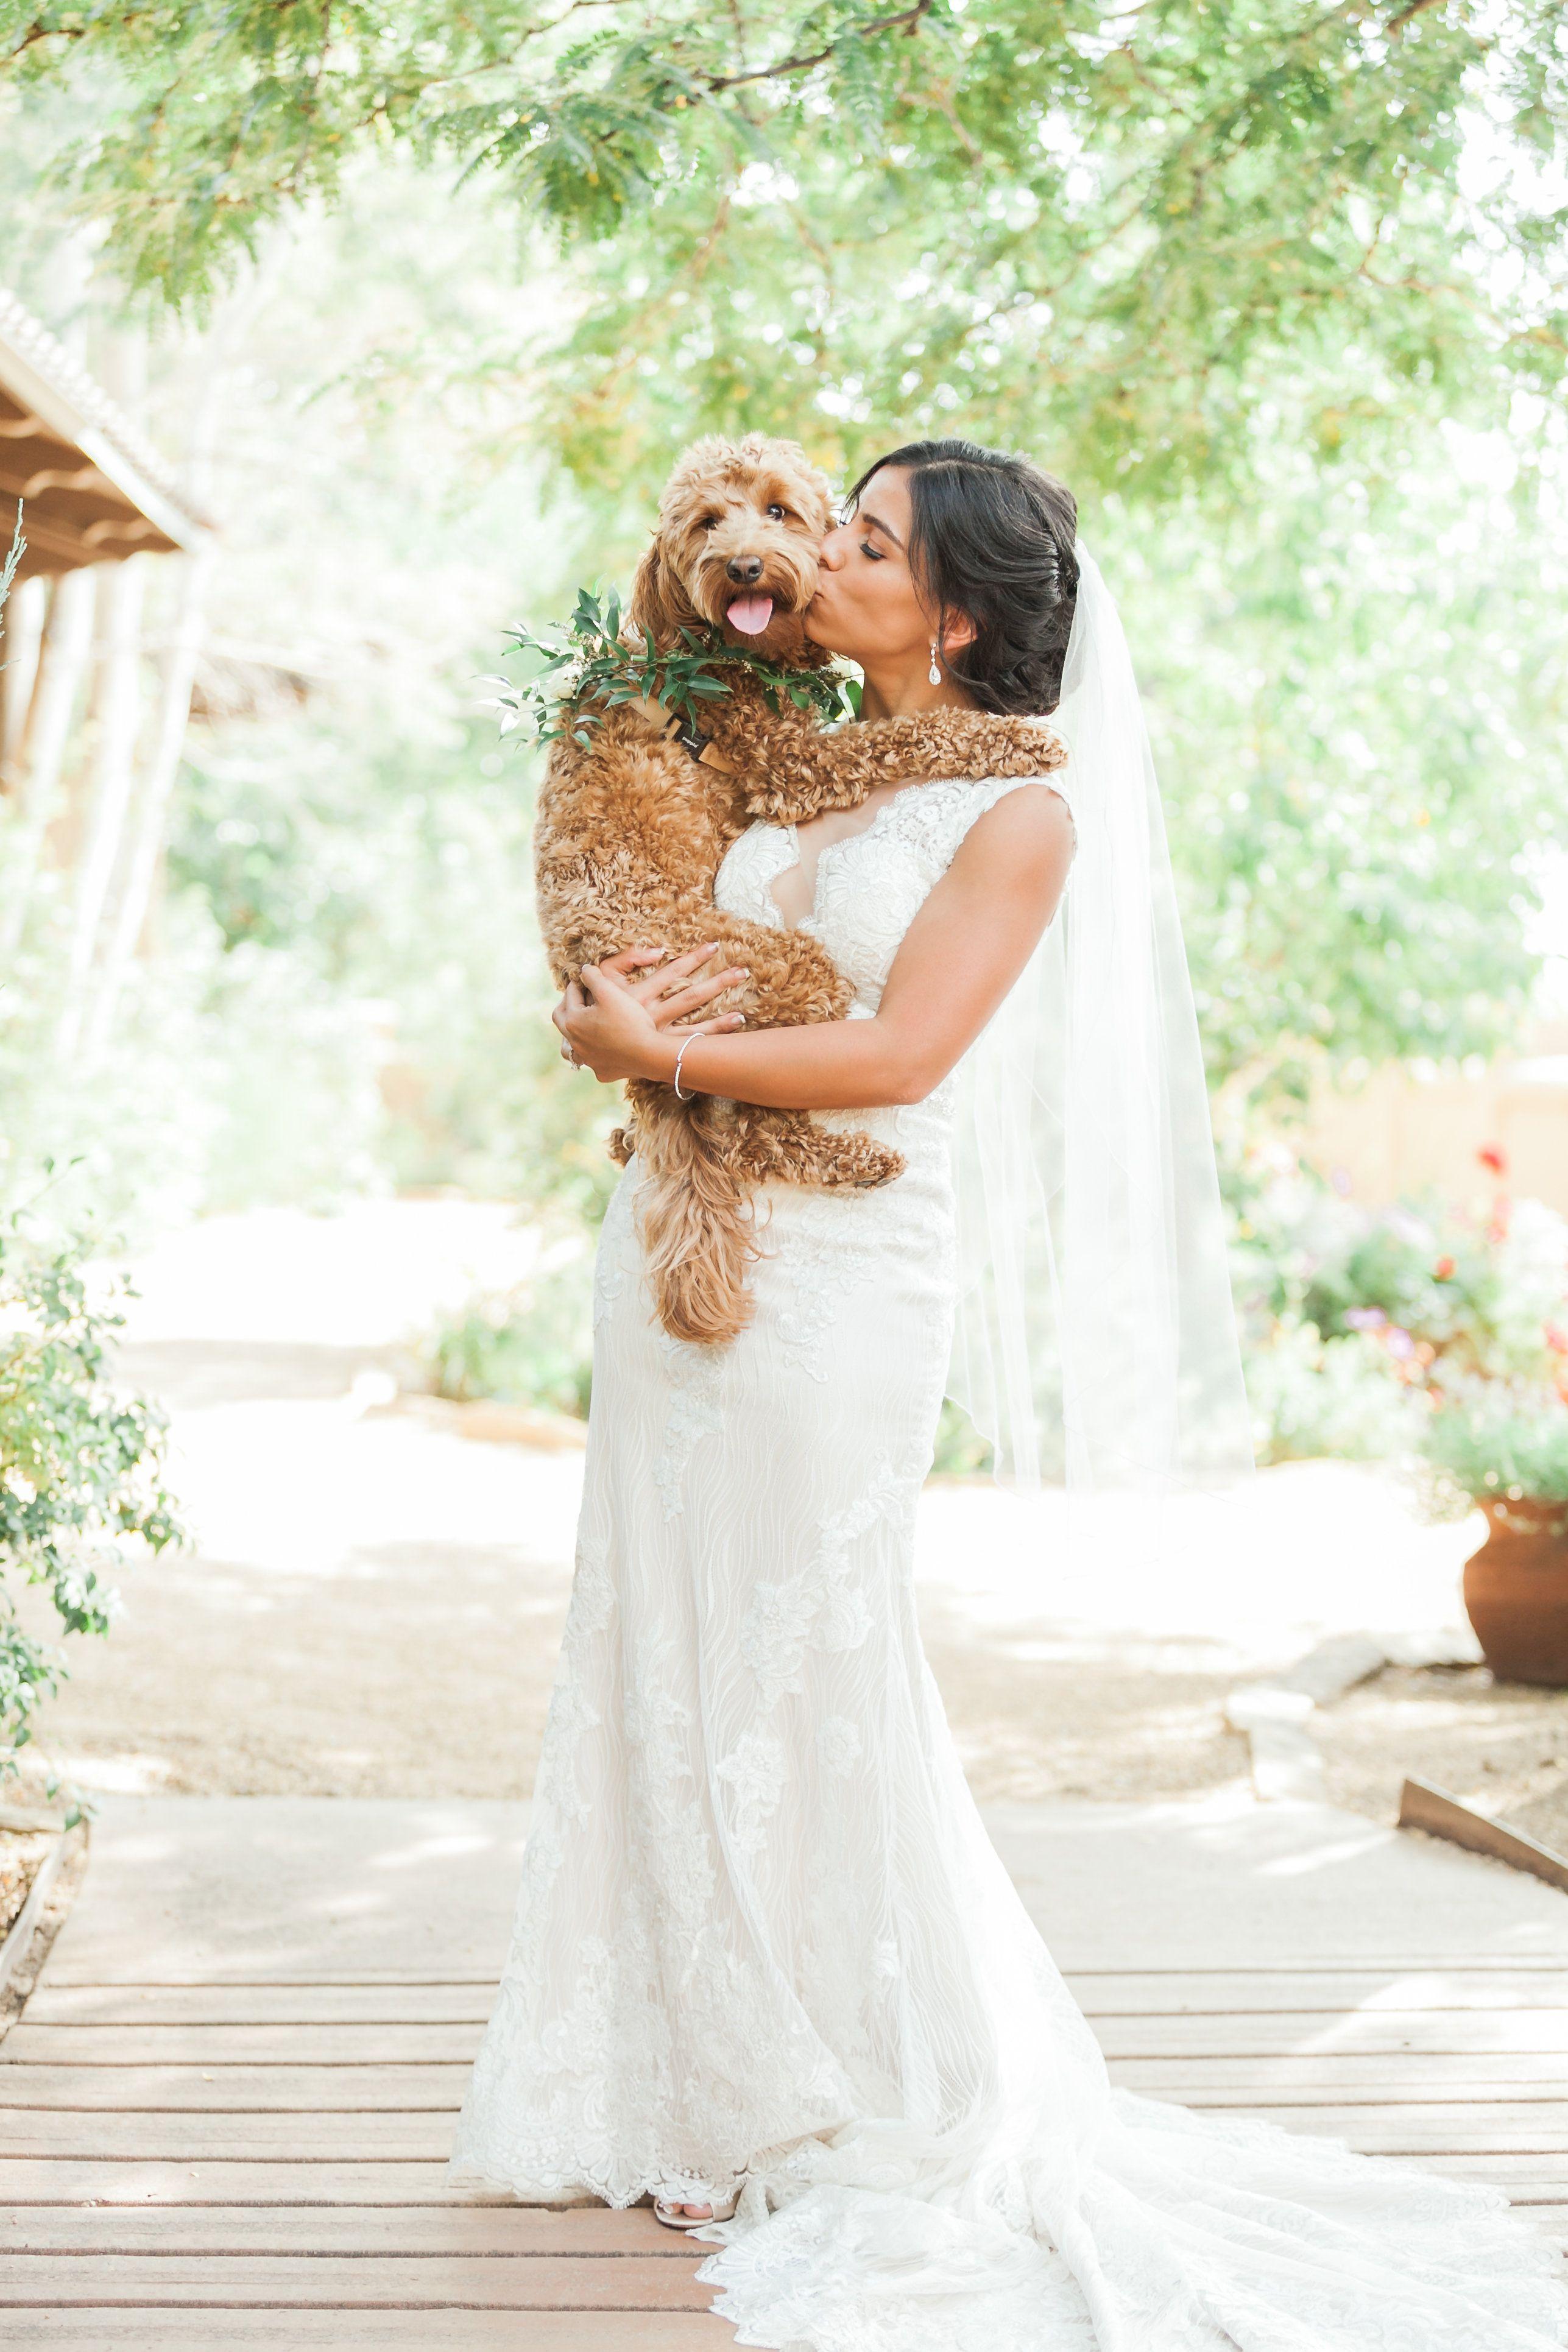 Outdoor summer wedding dresses  Photographer Sara Lynn Fine Art Photographer Villa Parker Garden